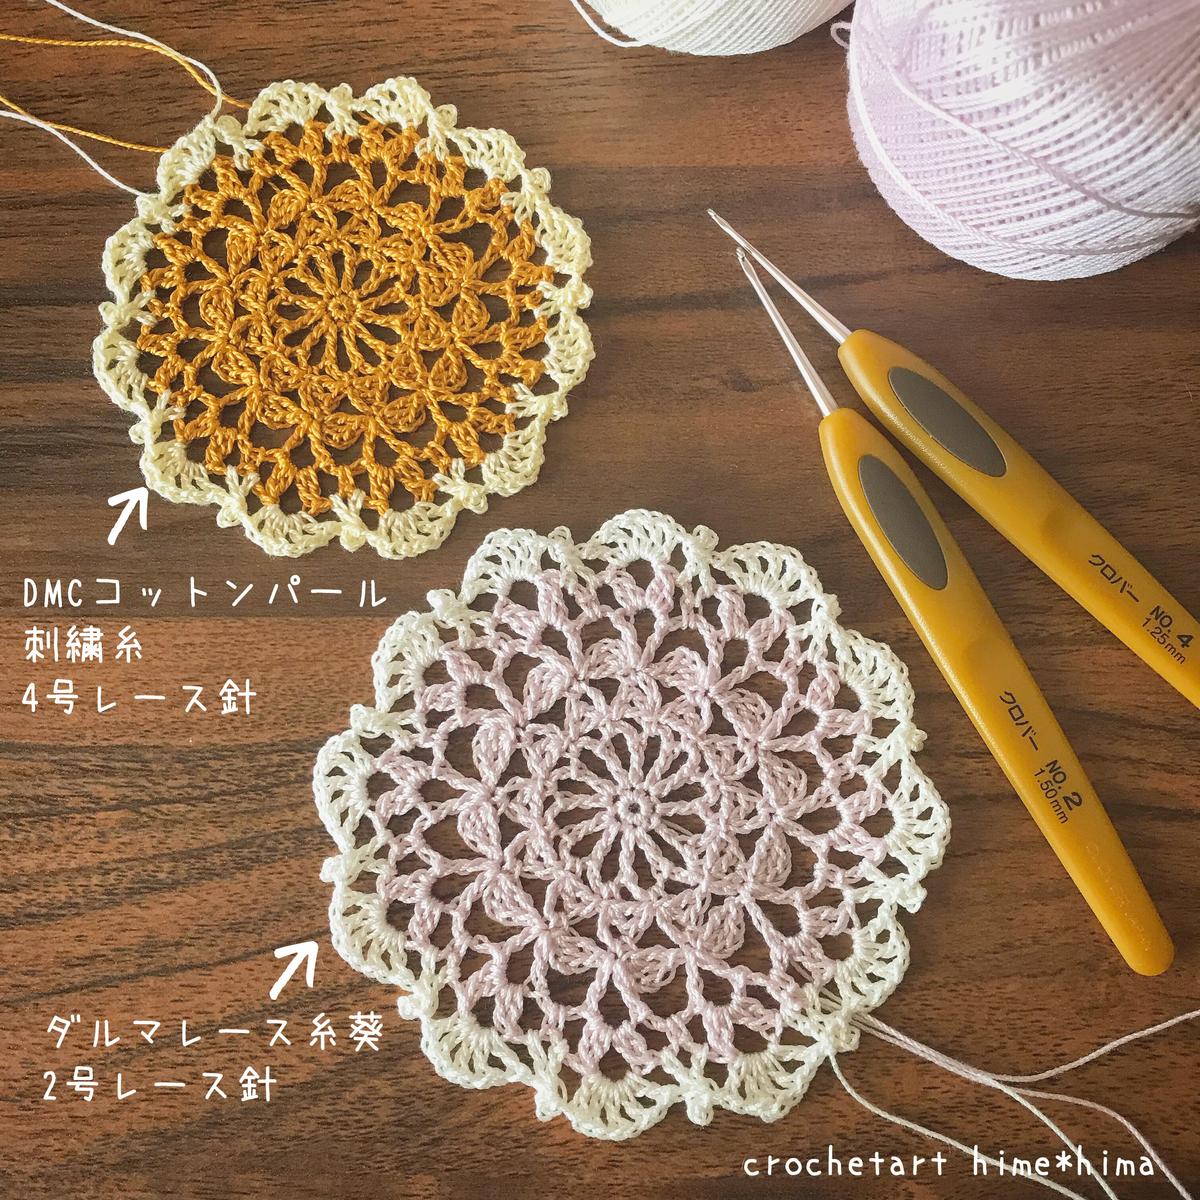 20分で編める簡単ドイリーで使っている糸